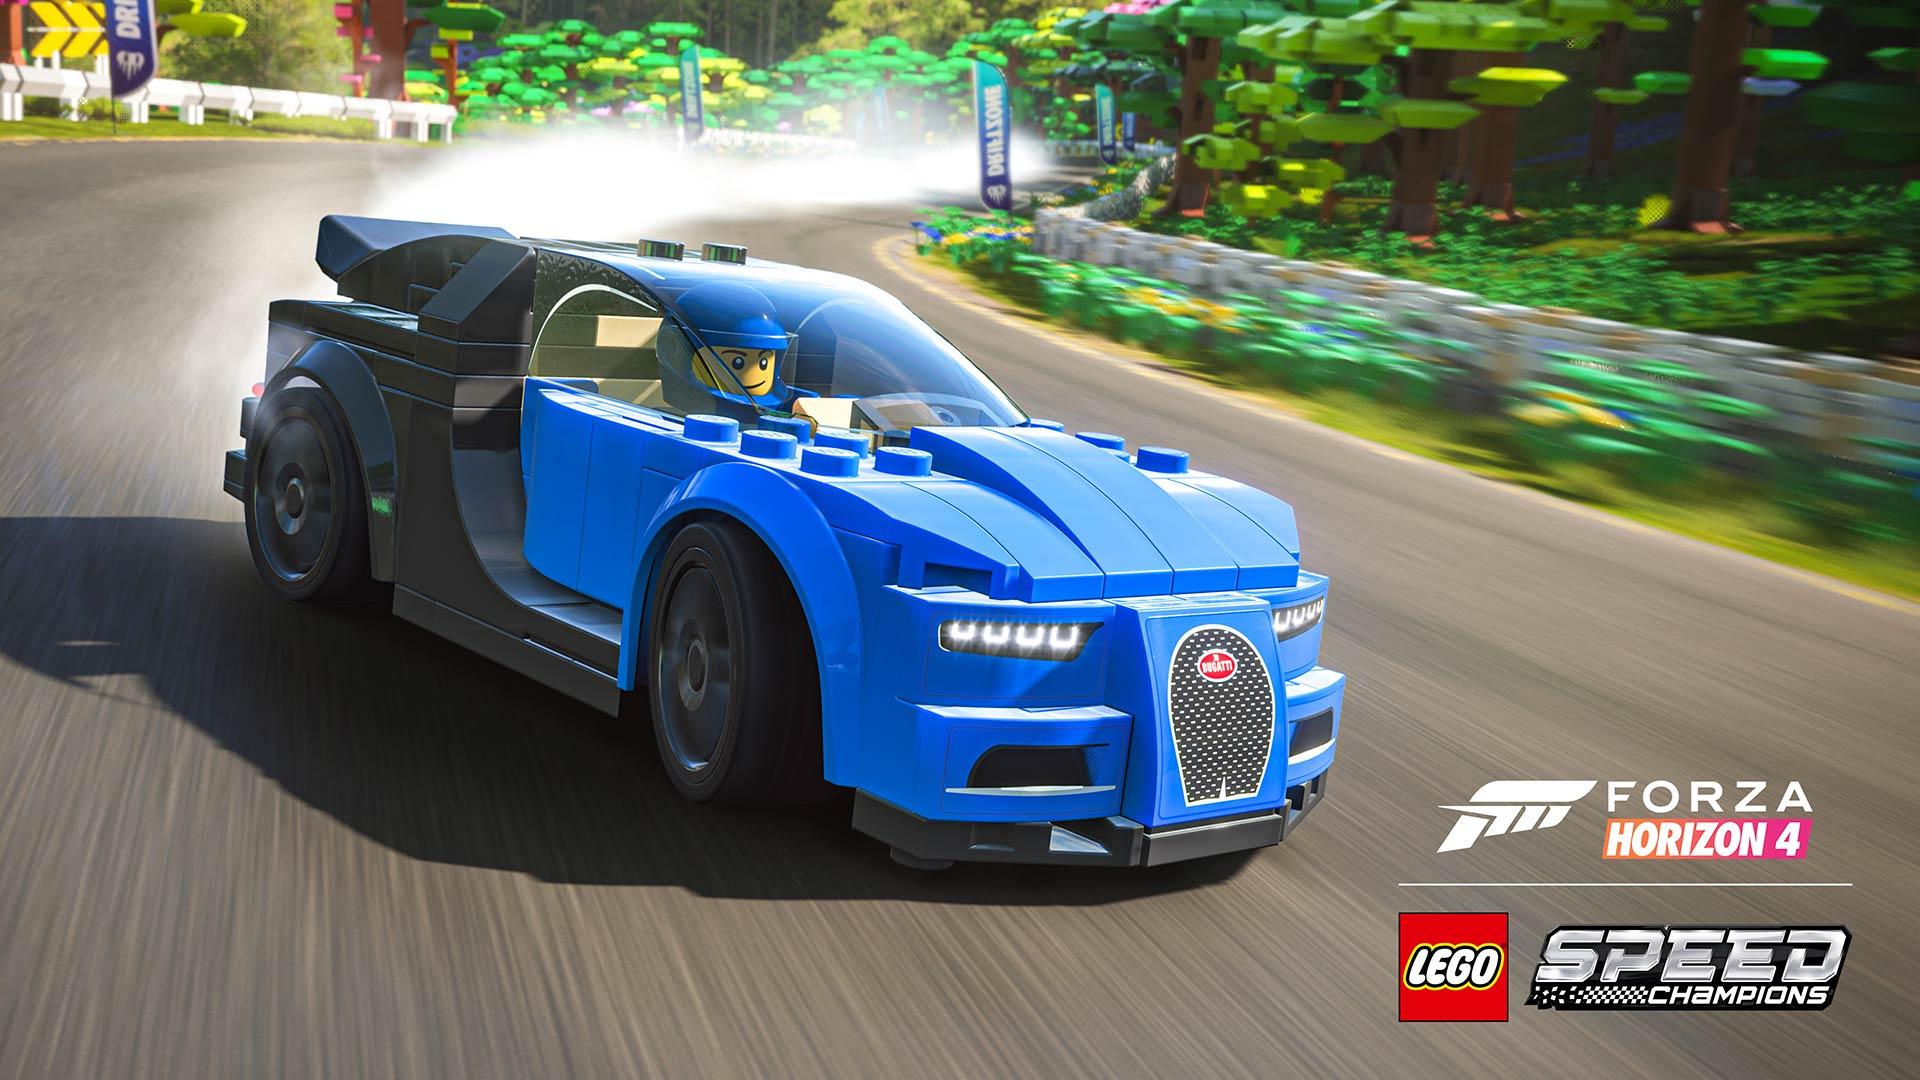 Forza Horizon 4 Series 19 Update